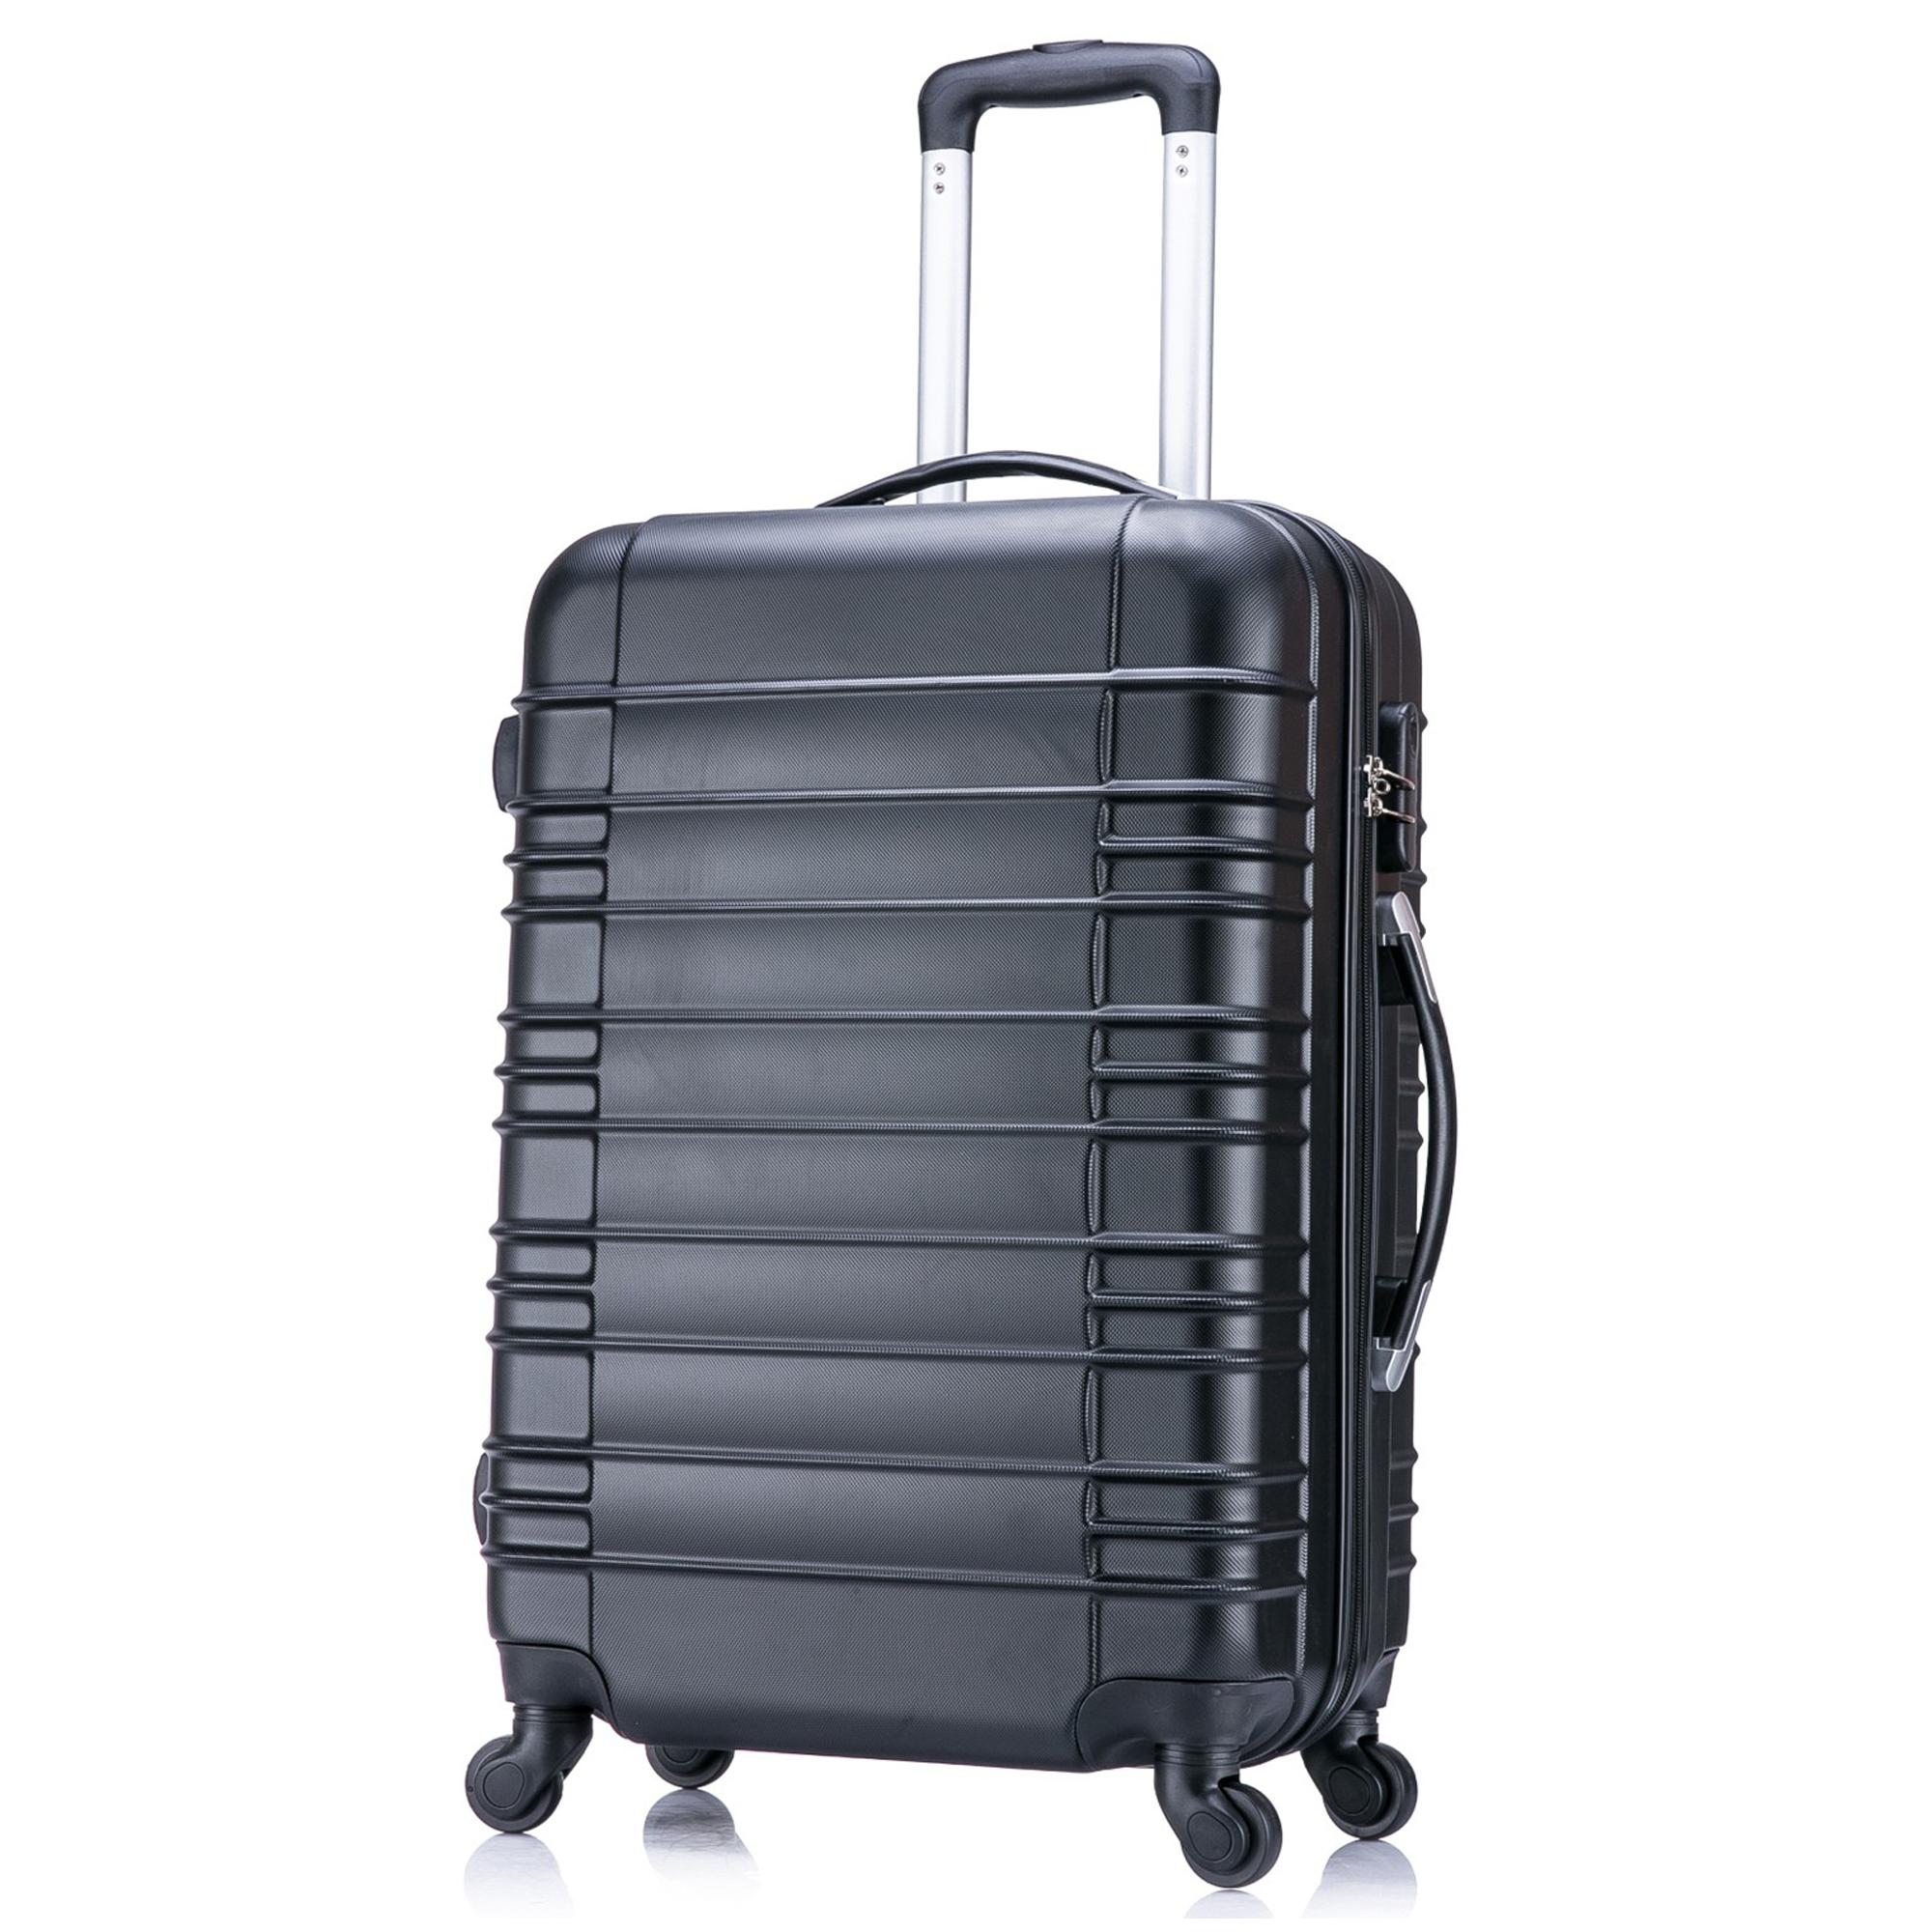 5 teiliges Koffer Set Hartschalenkoffer in 5 Farben - 28